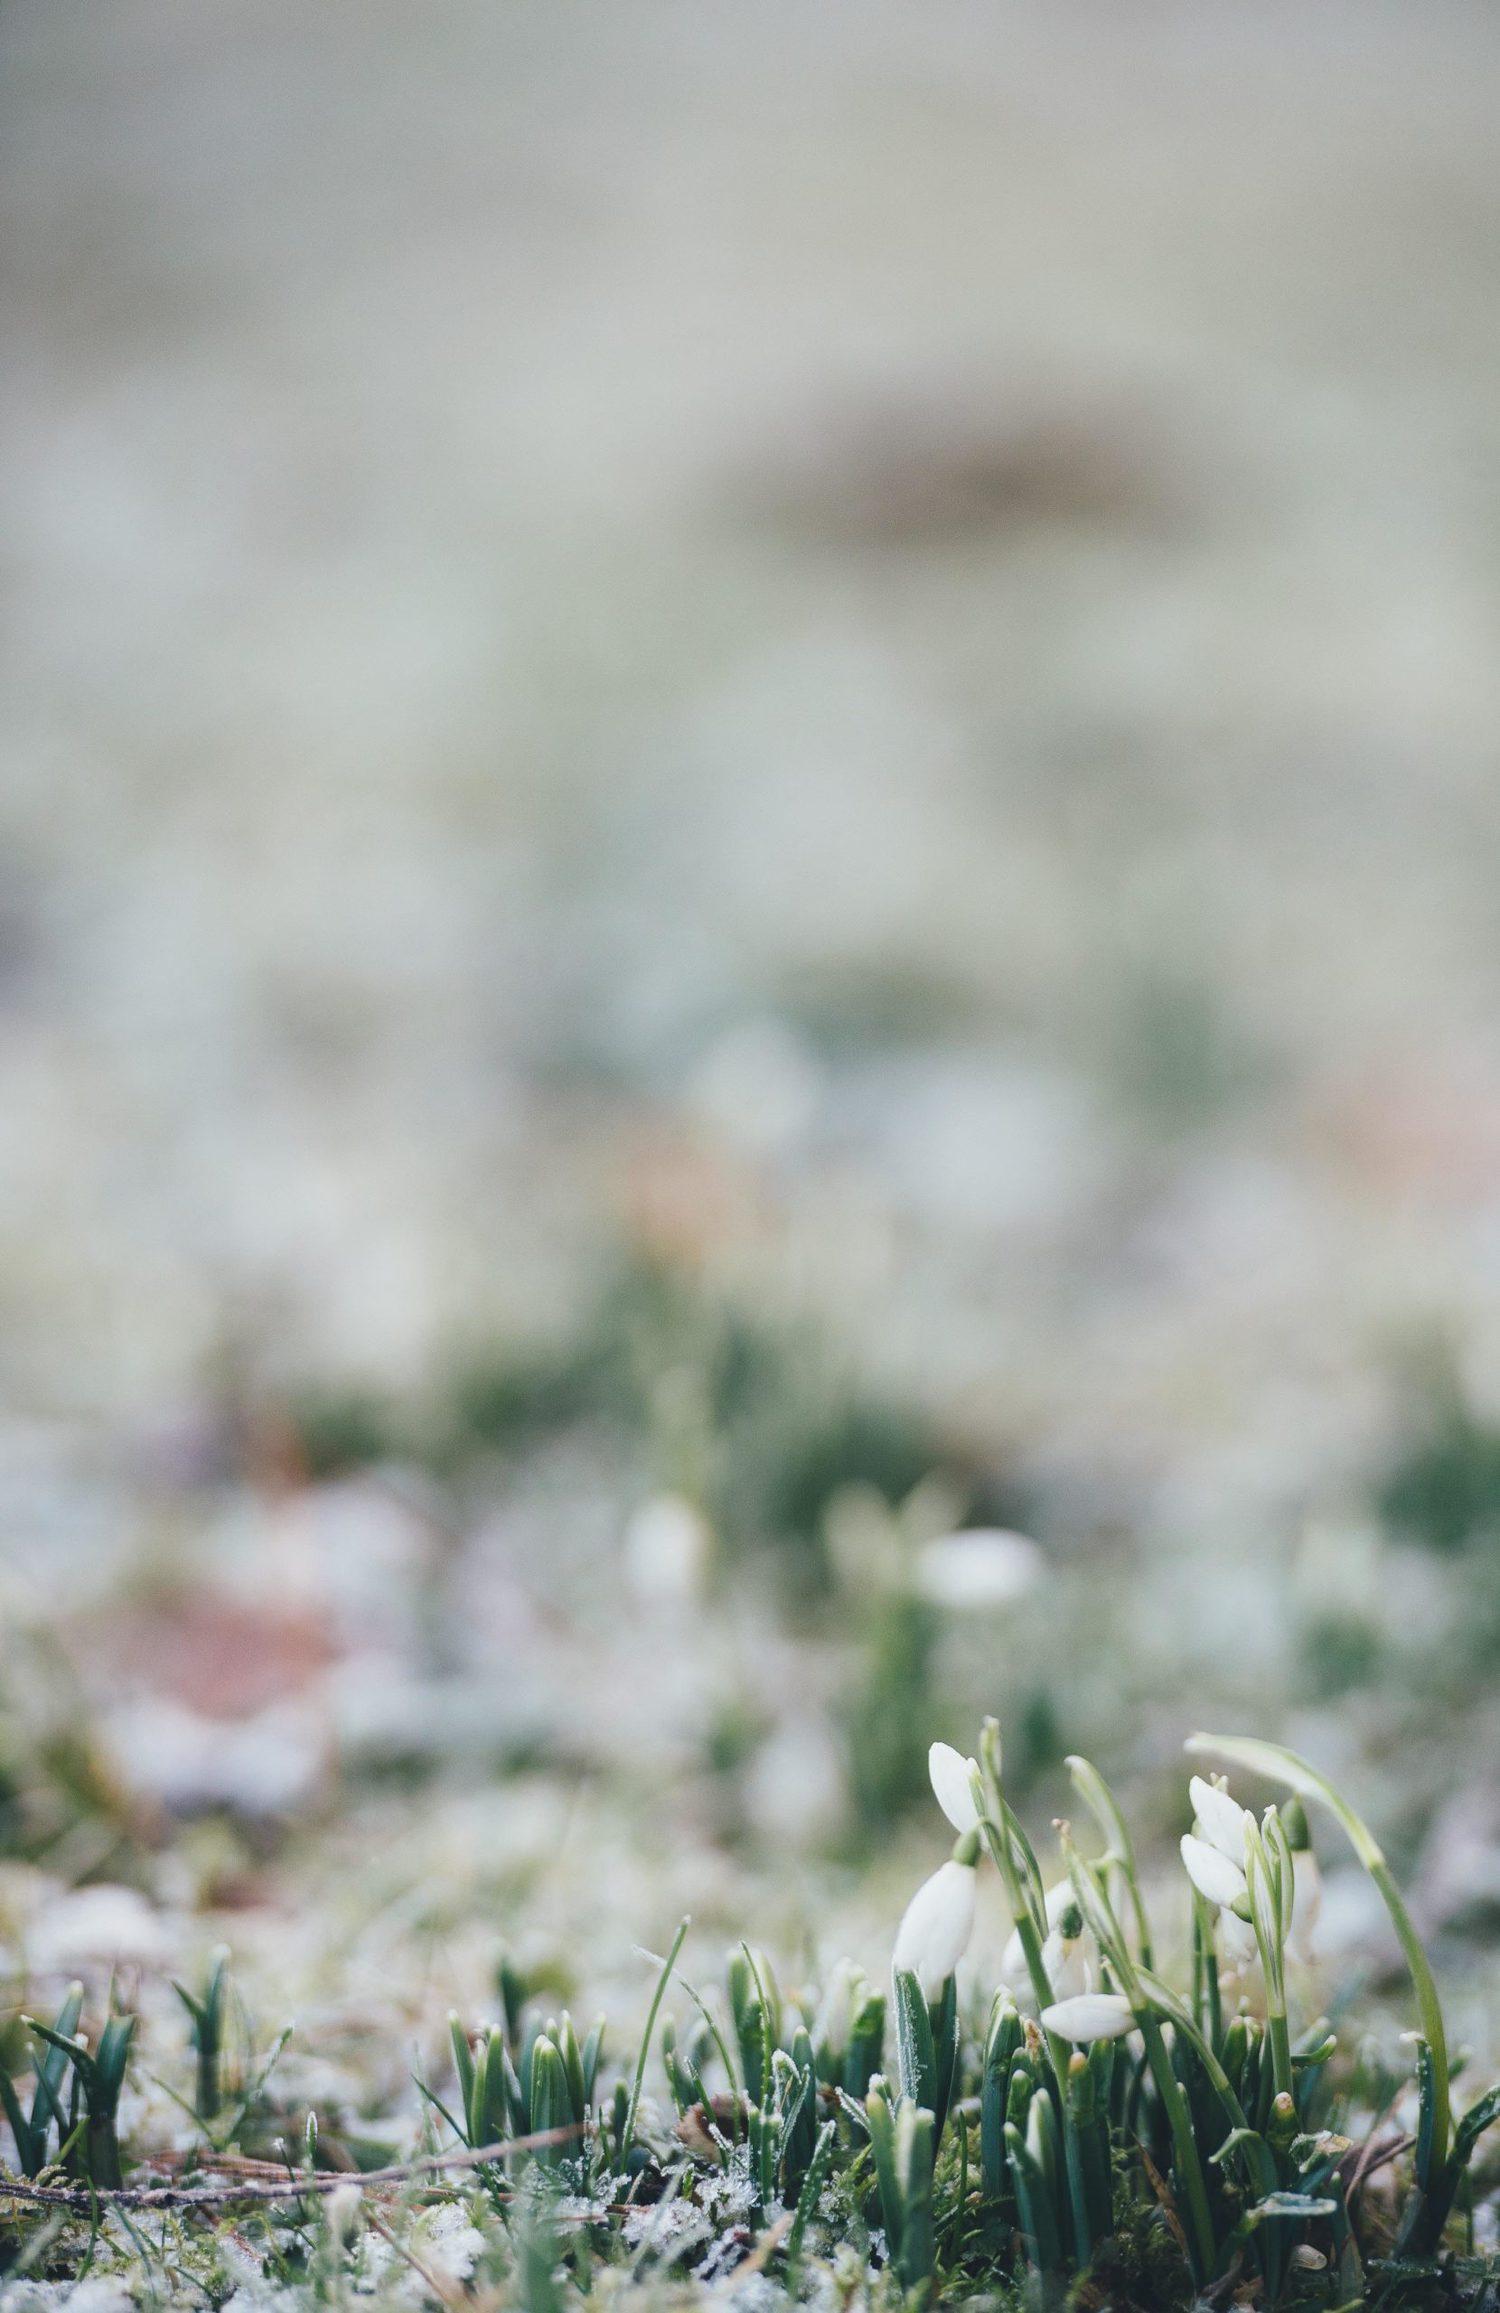 Imagen de flores con profundidad de campo muy pequeña